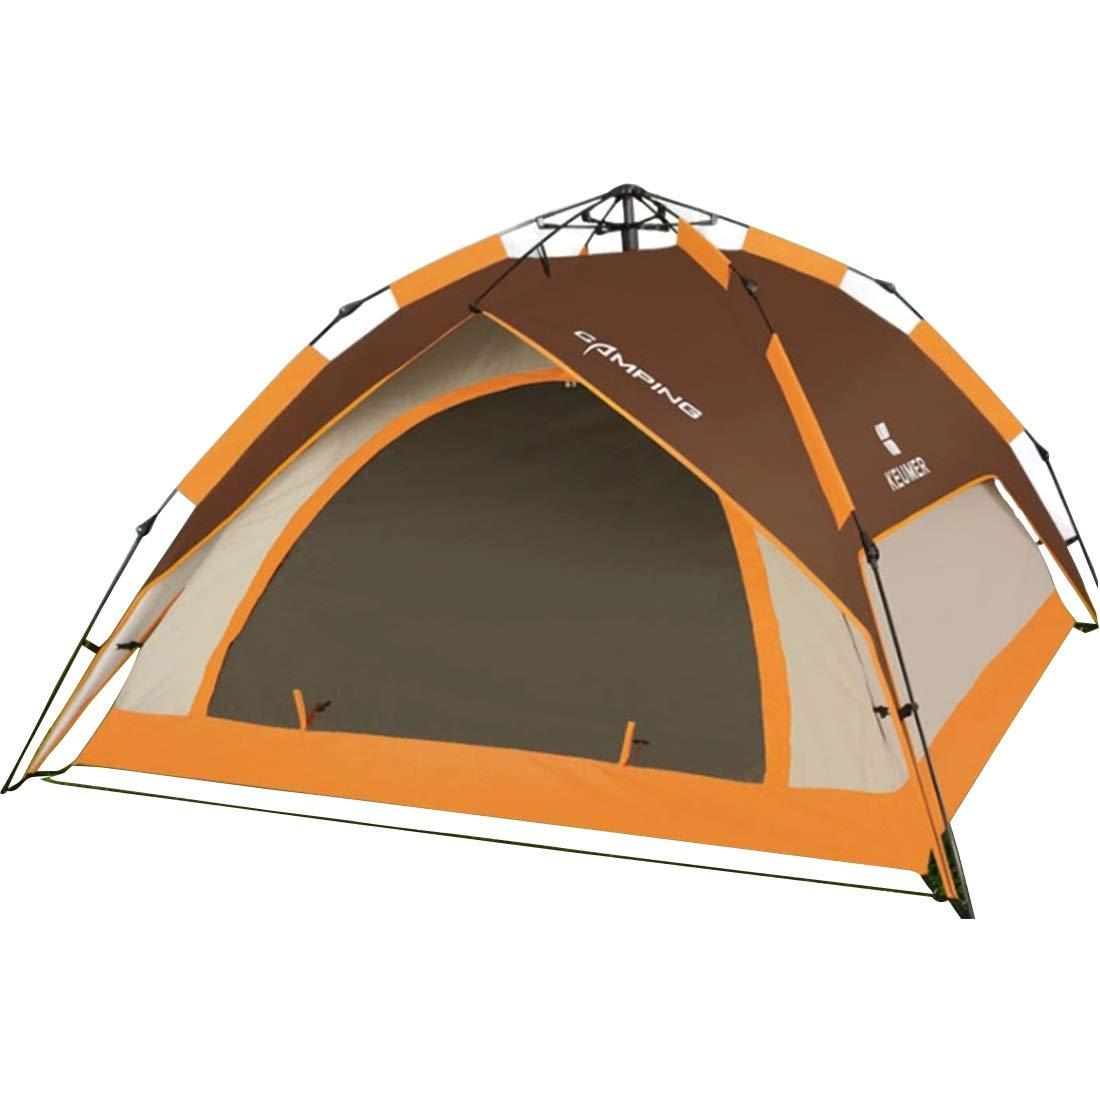 Kunliyin YY1 Zelt für 3 Personen oder 4 Personen für Wildcamping